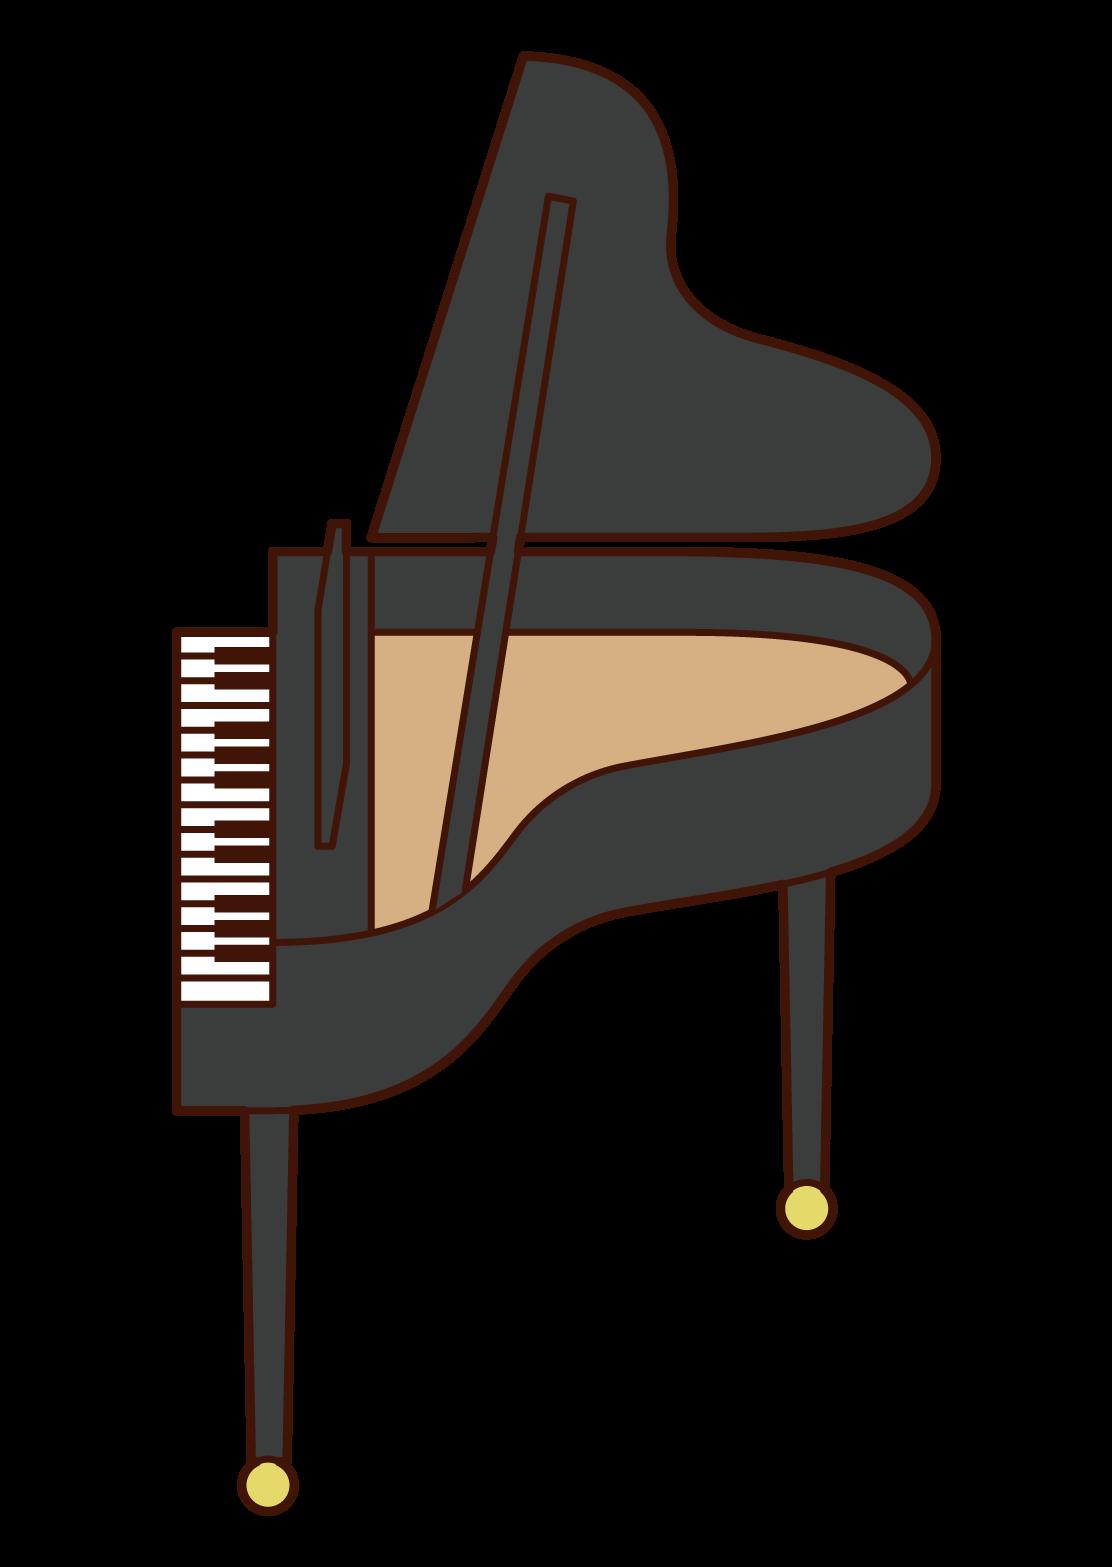 피아노 일러스트레이션